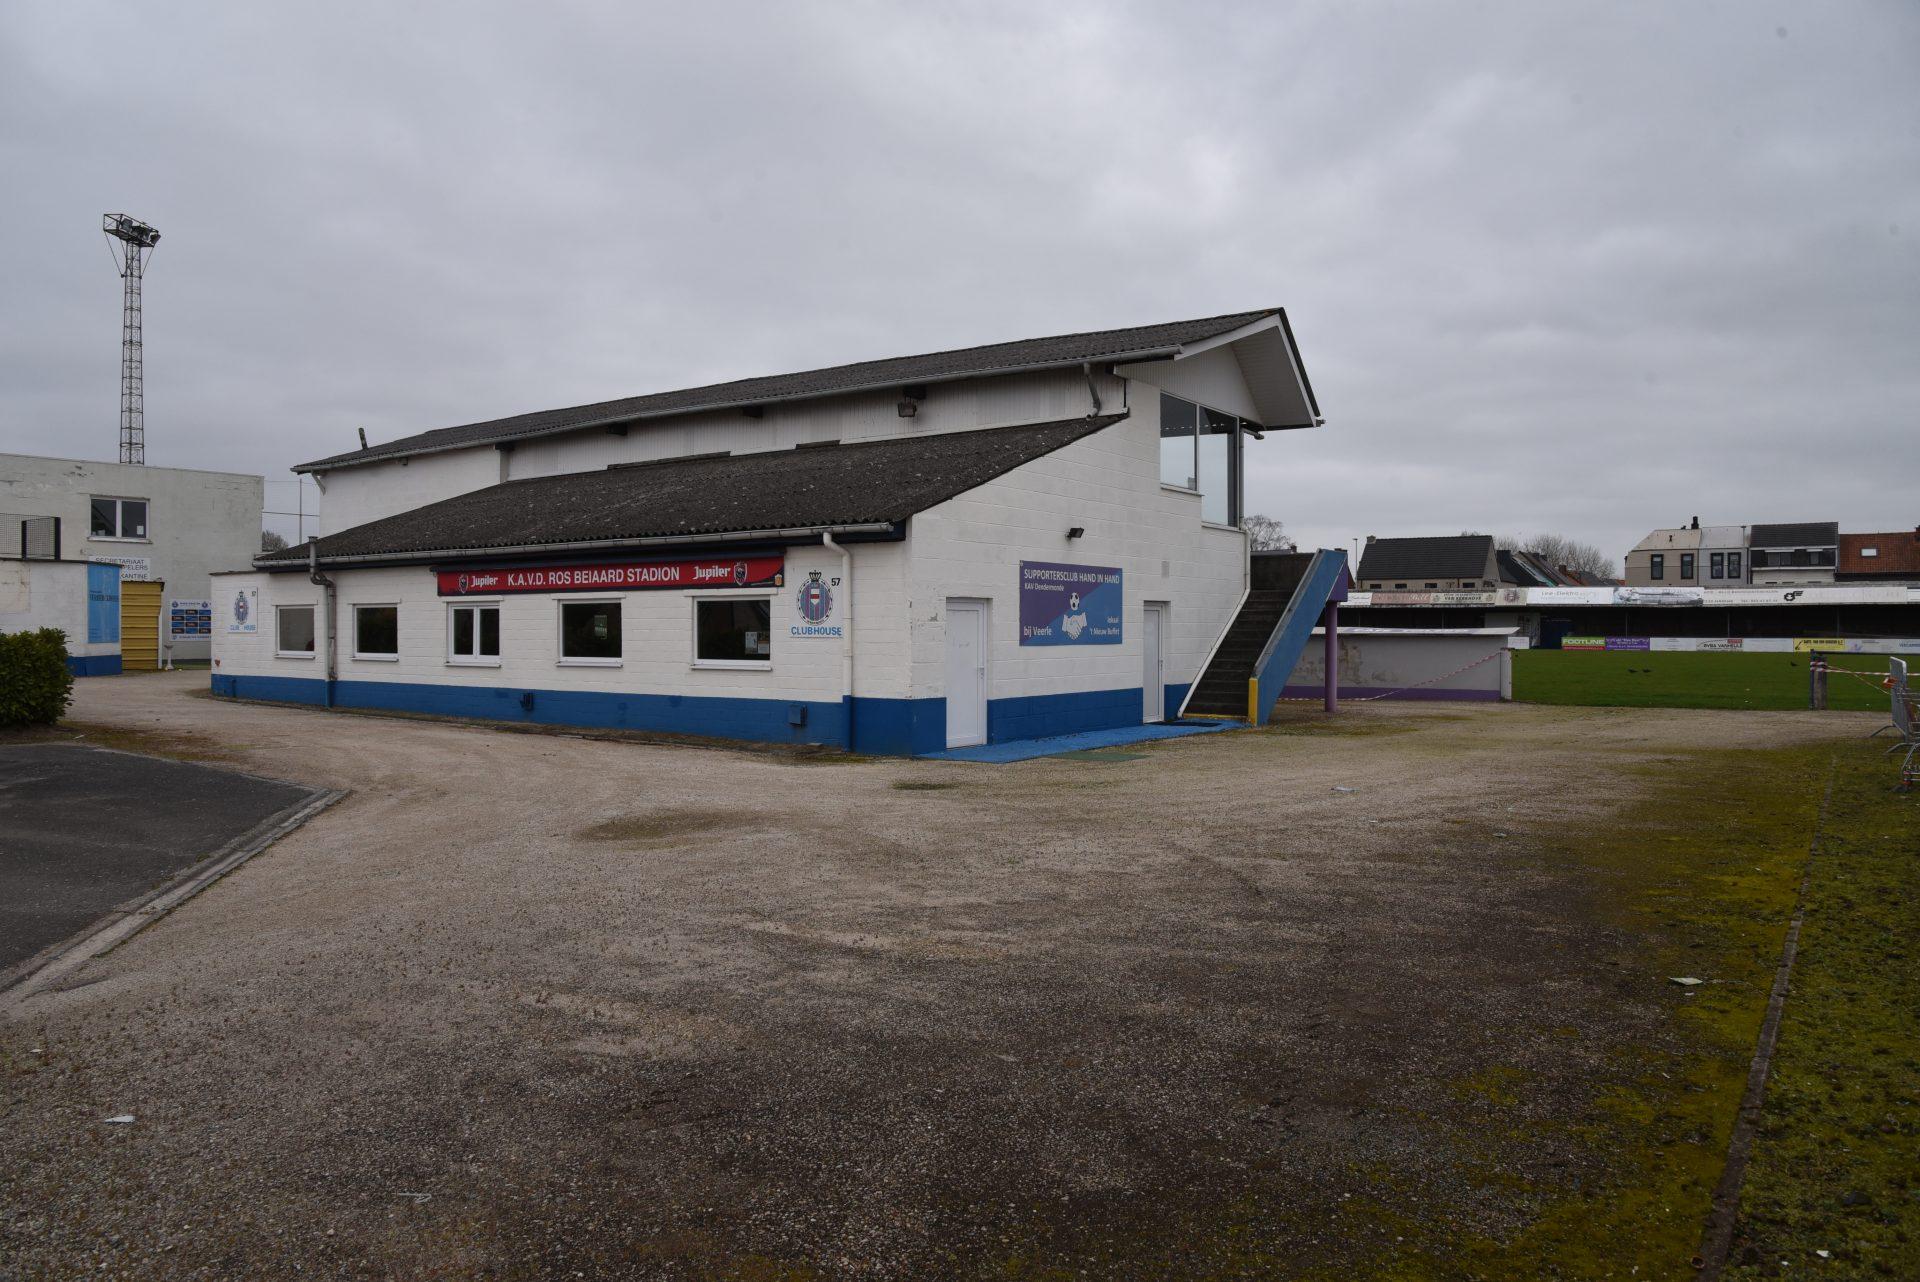 Voetbalclub KAV Dendermonde stelt stadsbestuur en AGB in gebreke